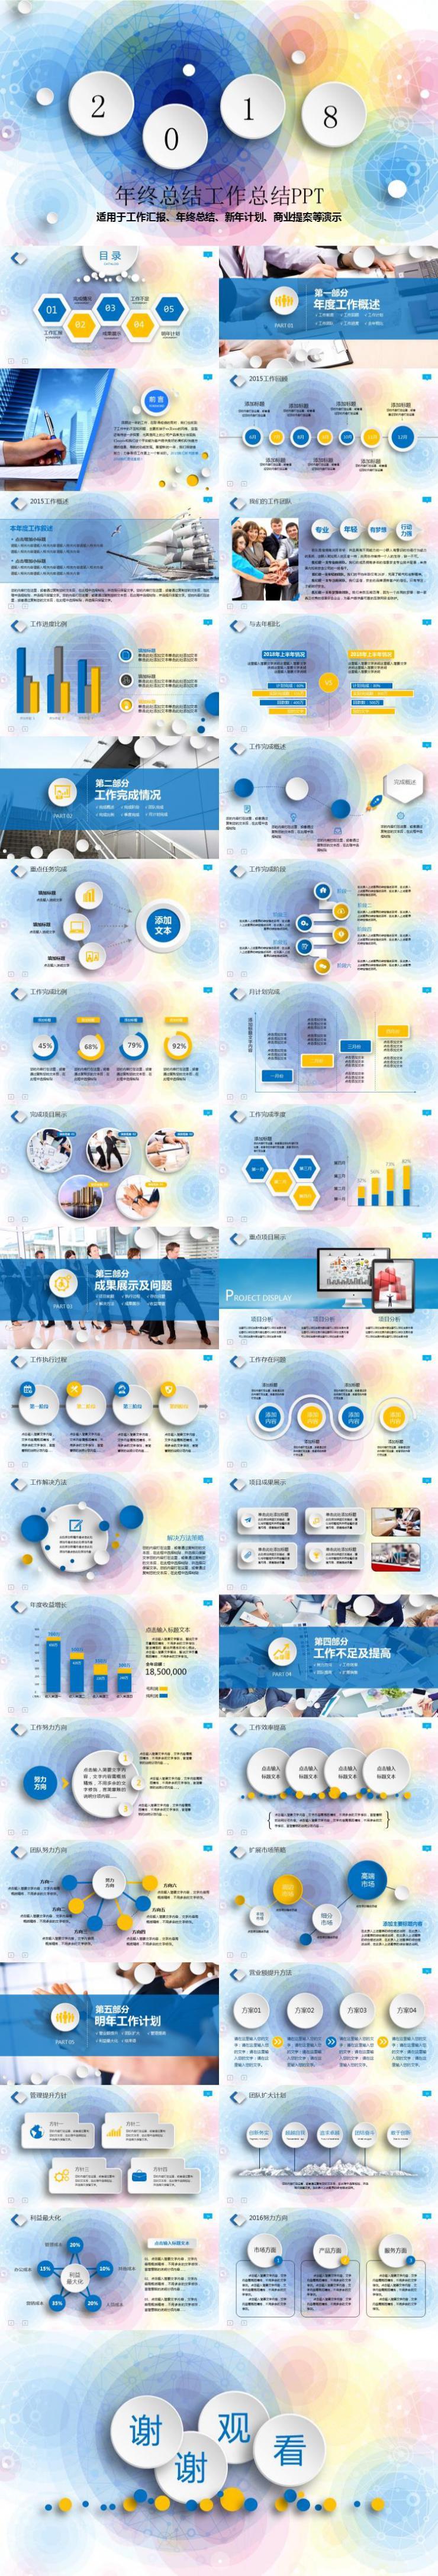 工作汇报年终总结新年计划商业提案PPT模板